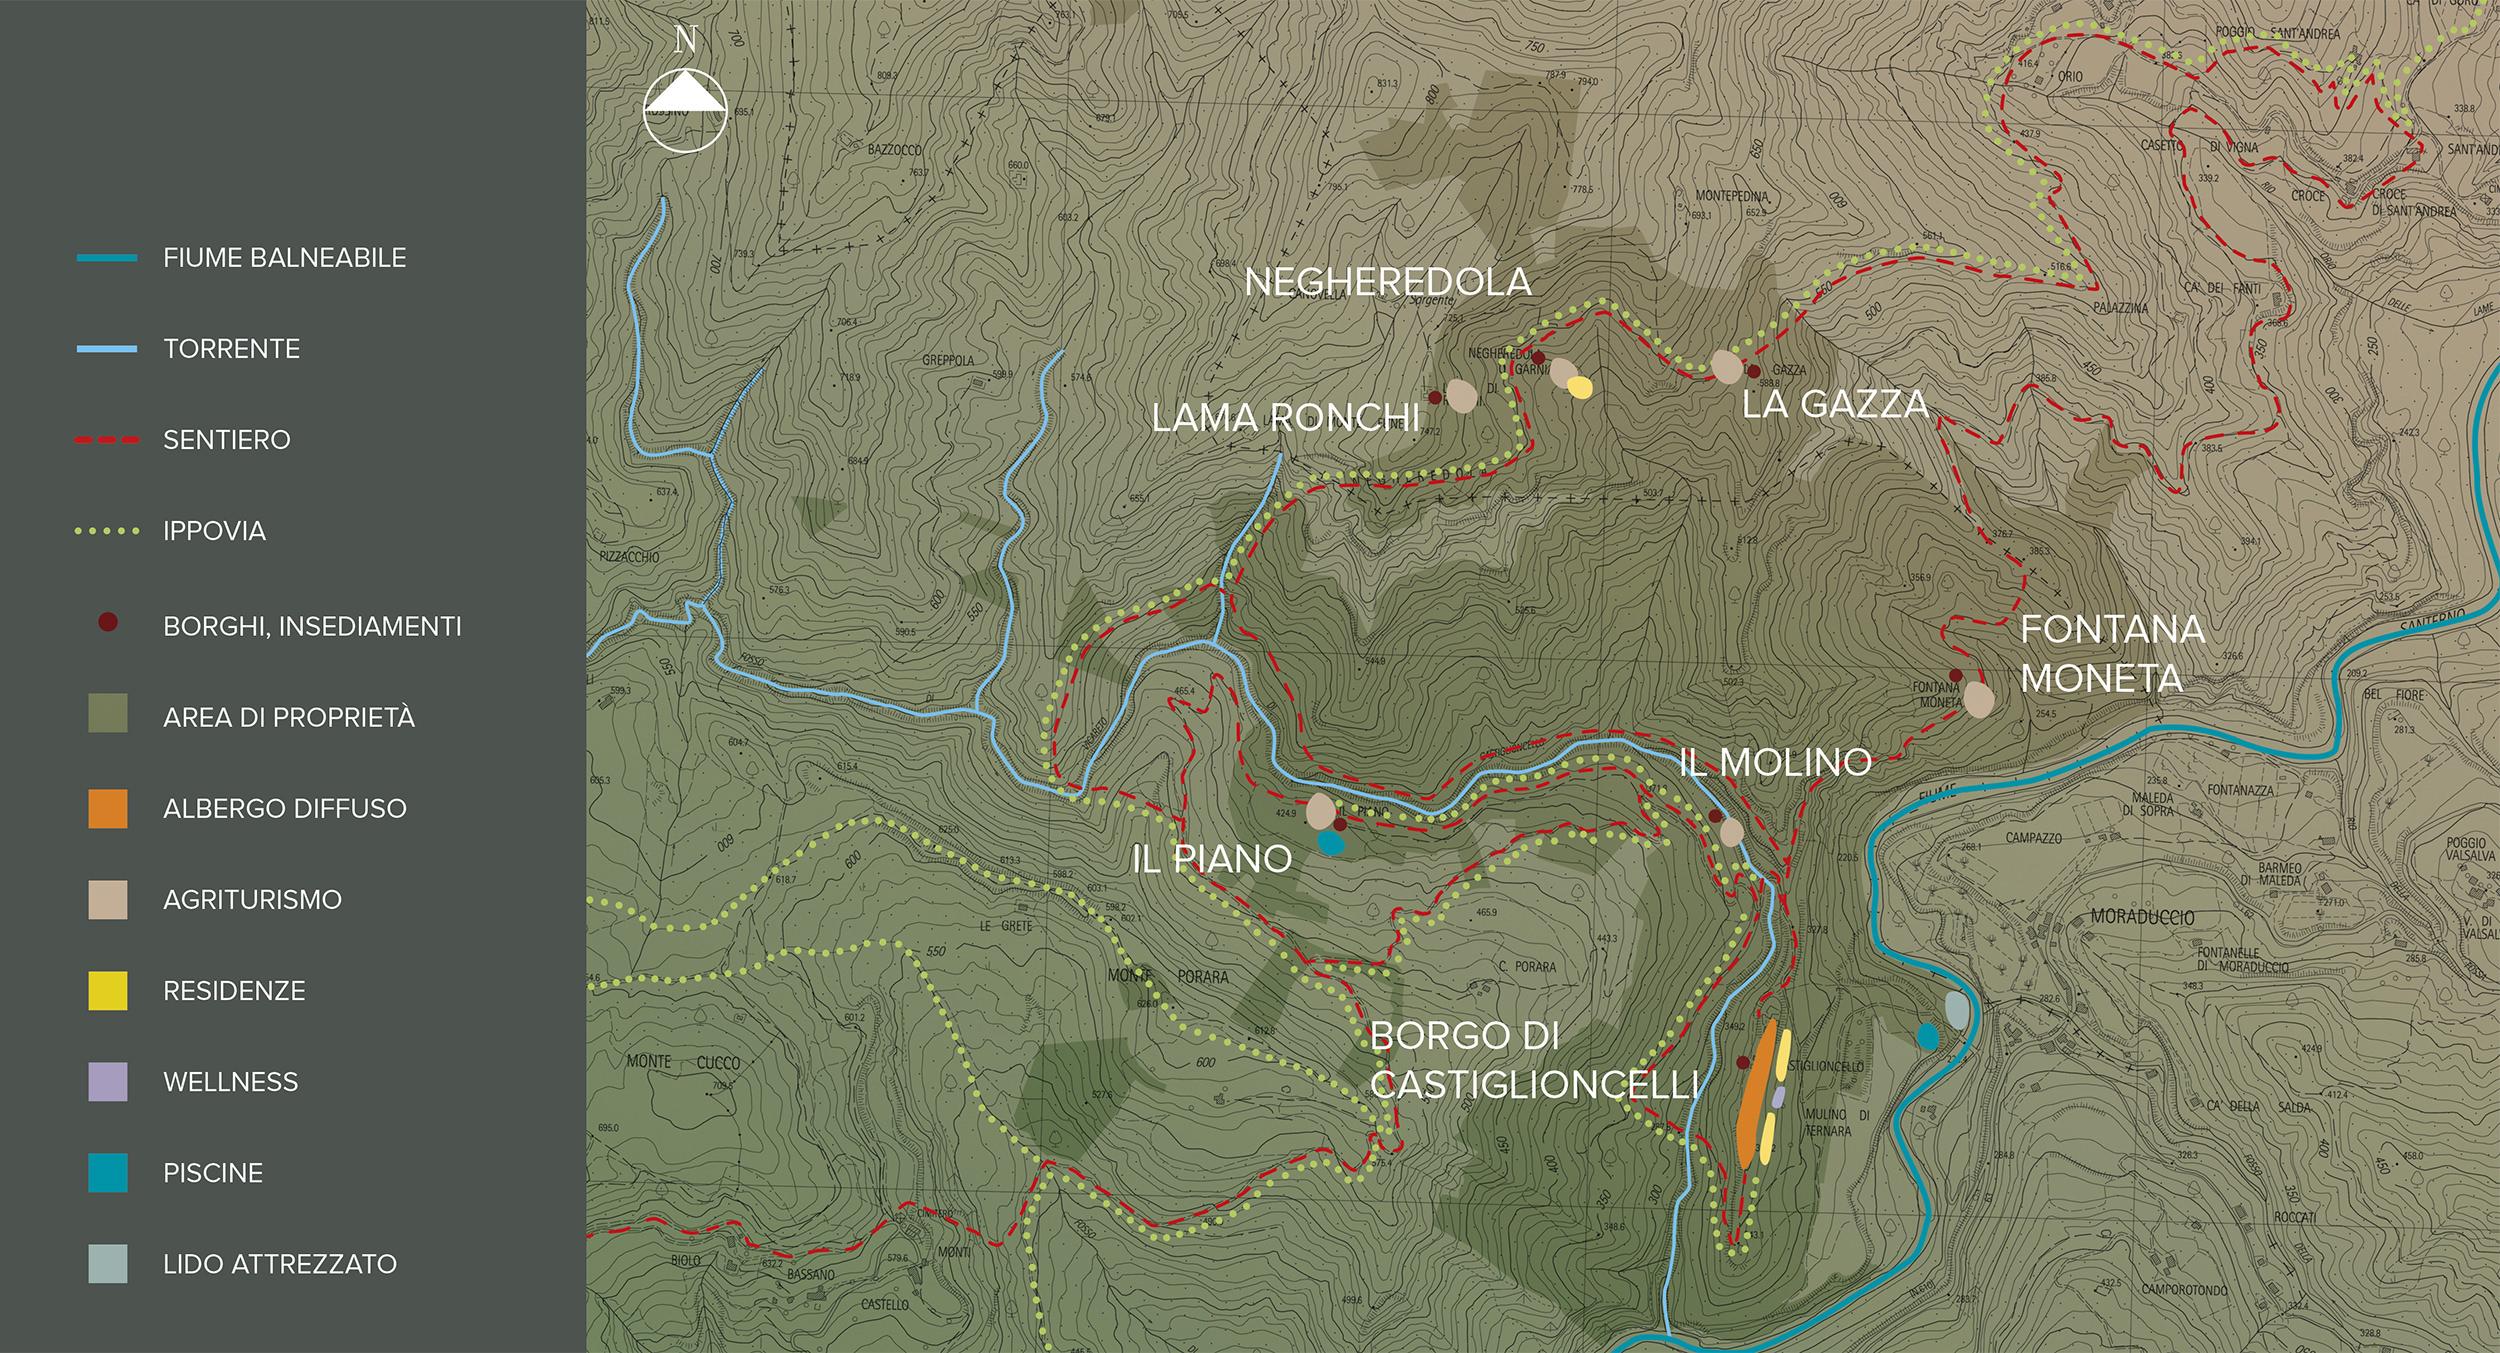 cartina_luoghi_dida.jpg